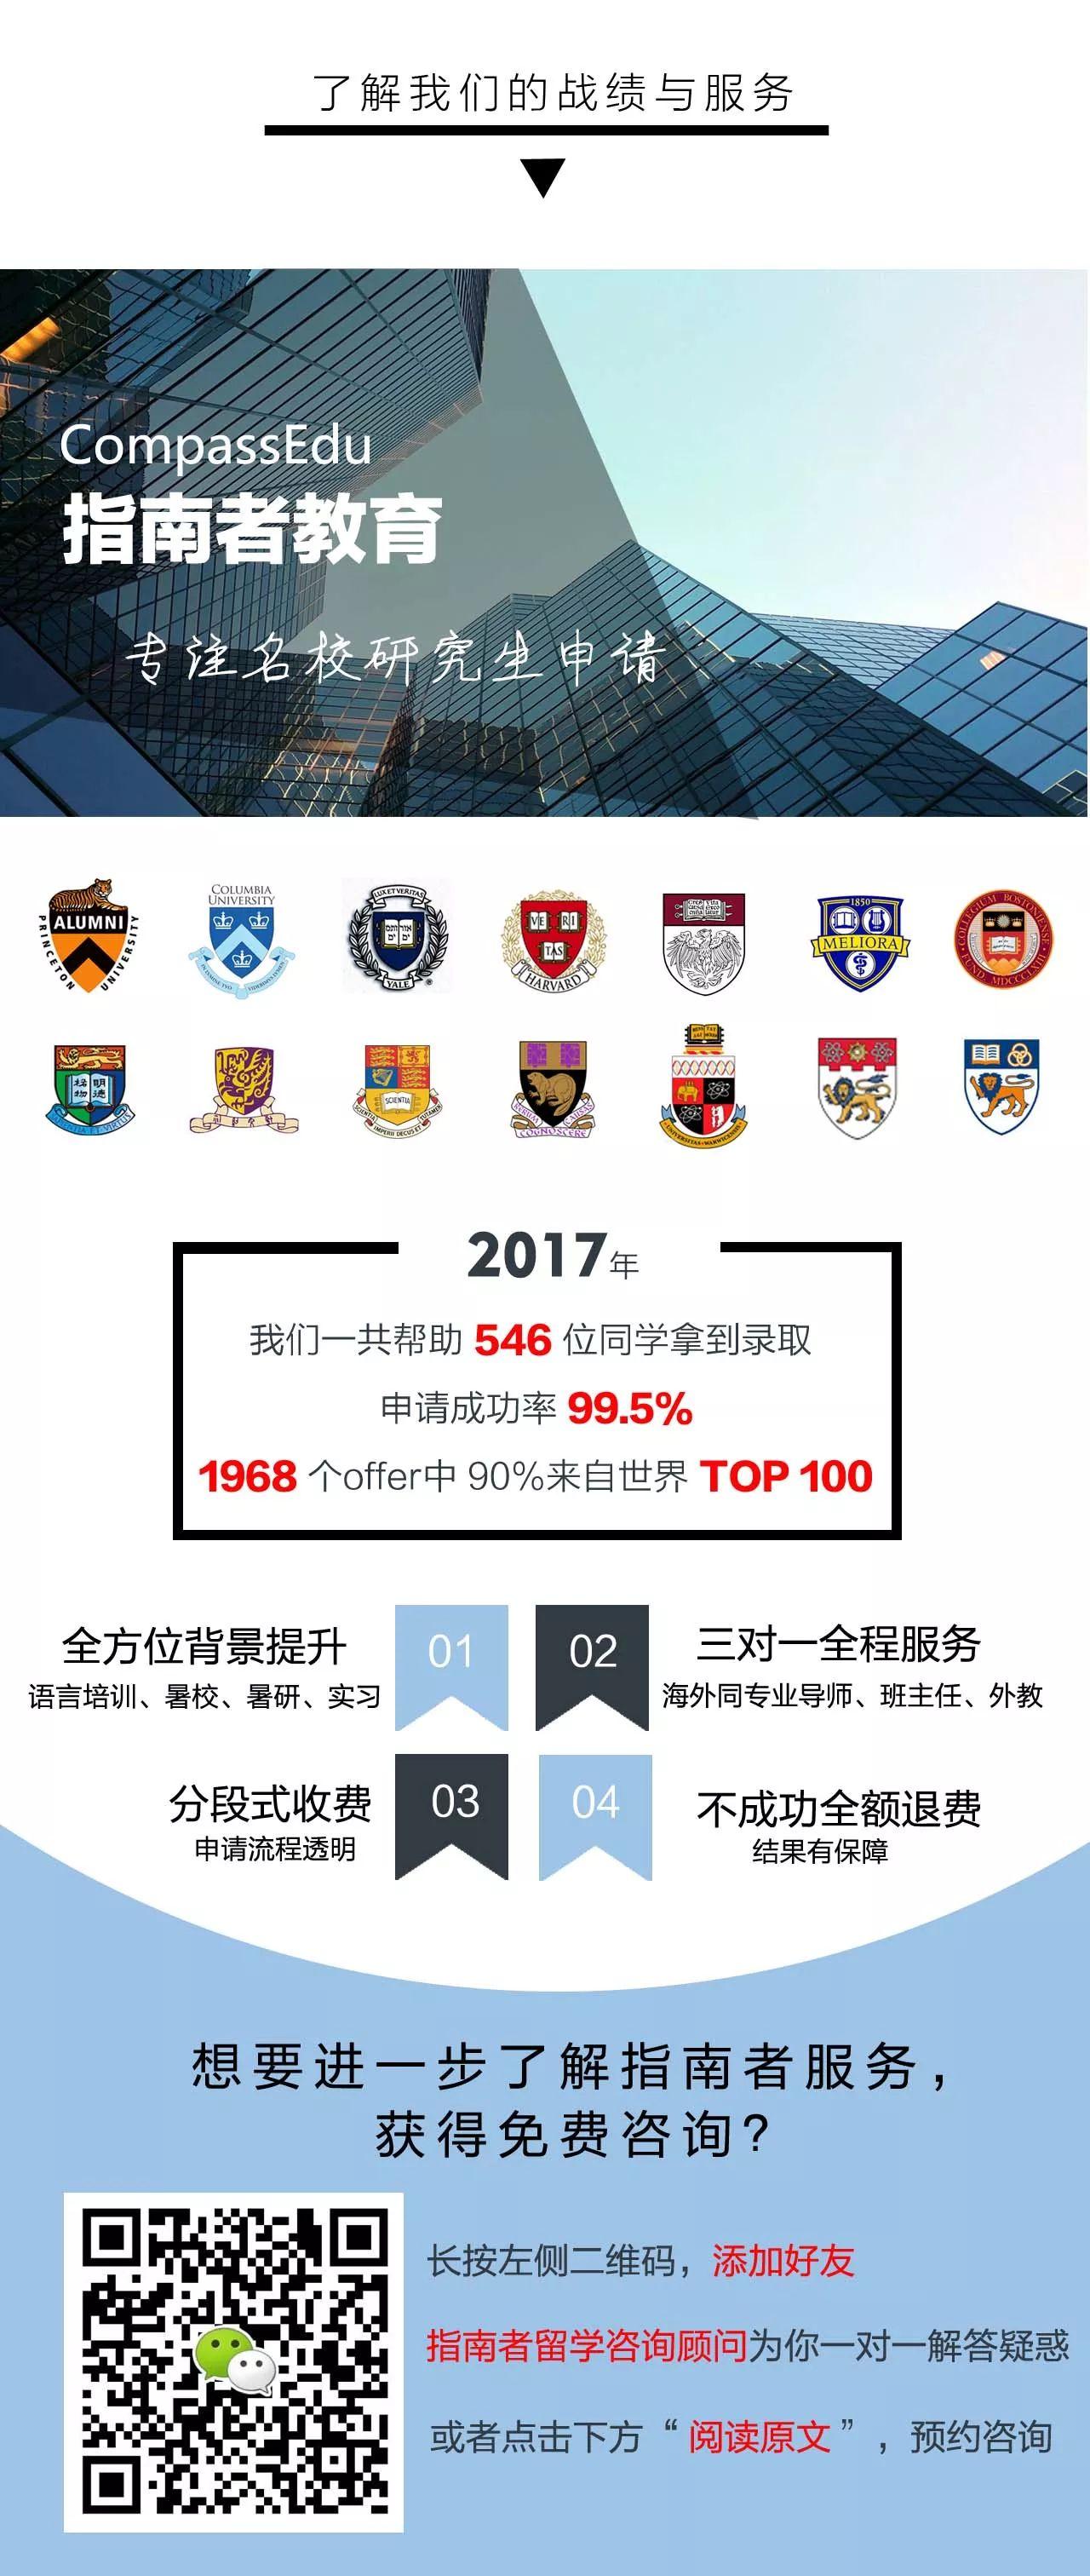 香港中文大学「经济学」硕士研究生offer双连击!